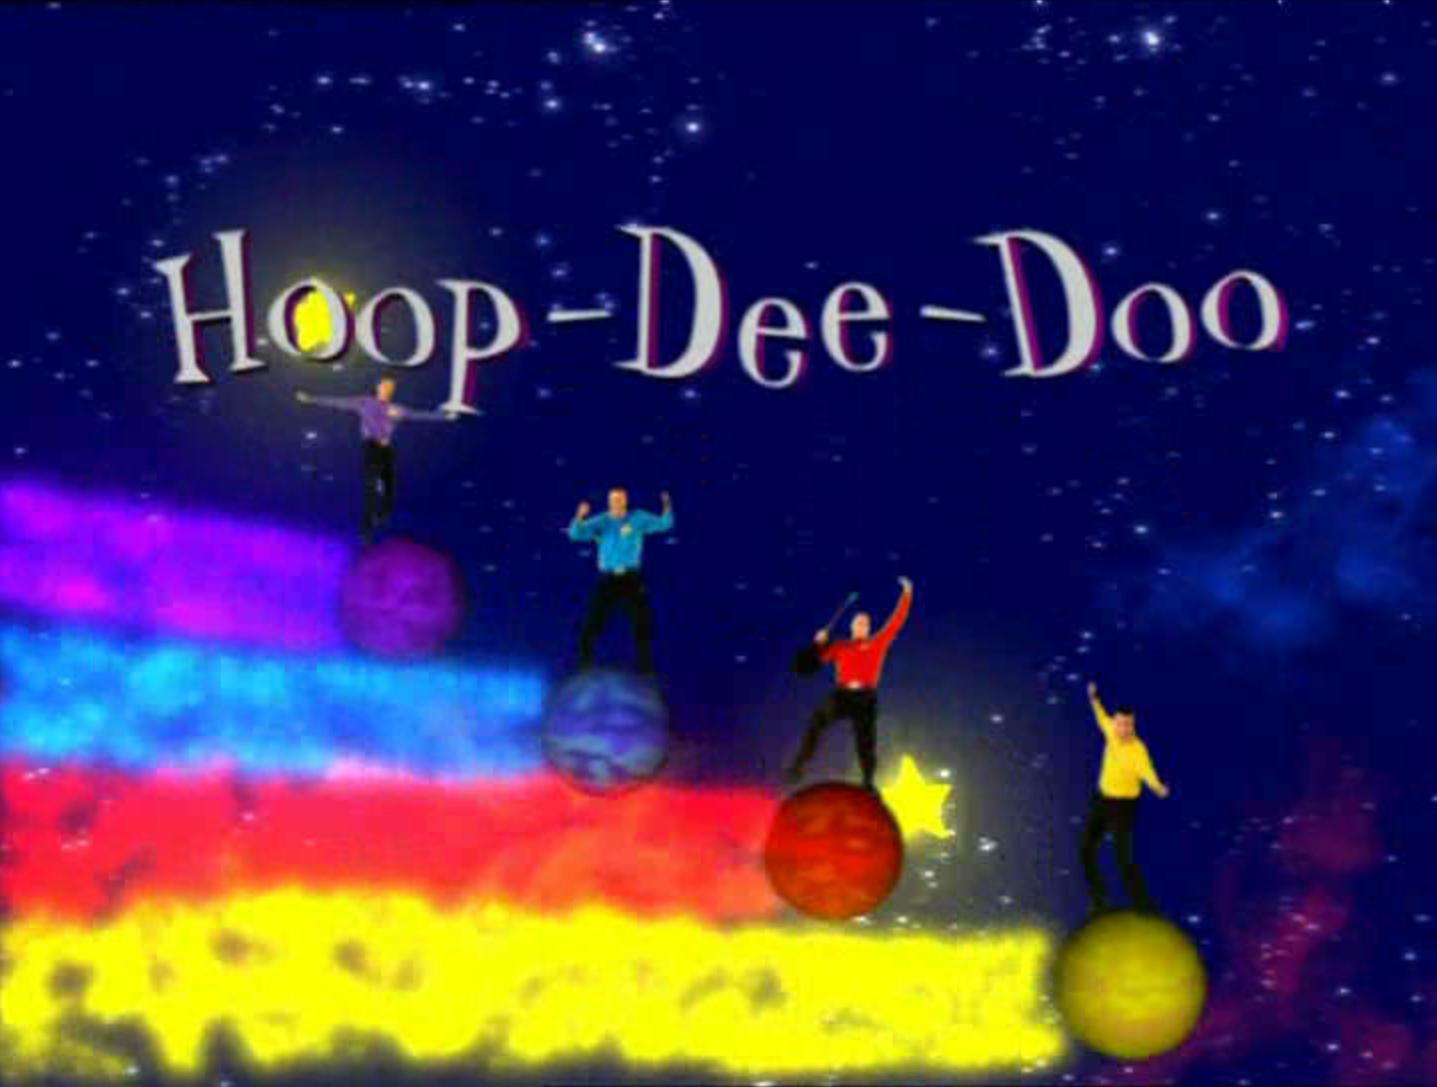 Hoop-Dee-Doo it's a Wiggly Party